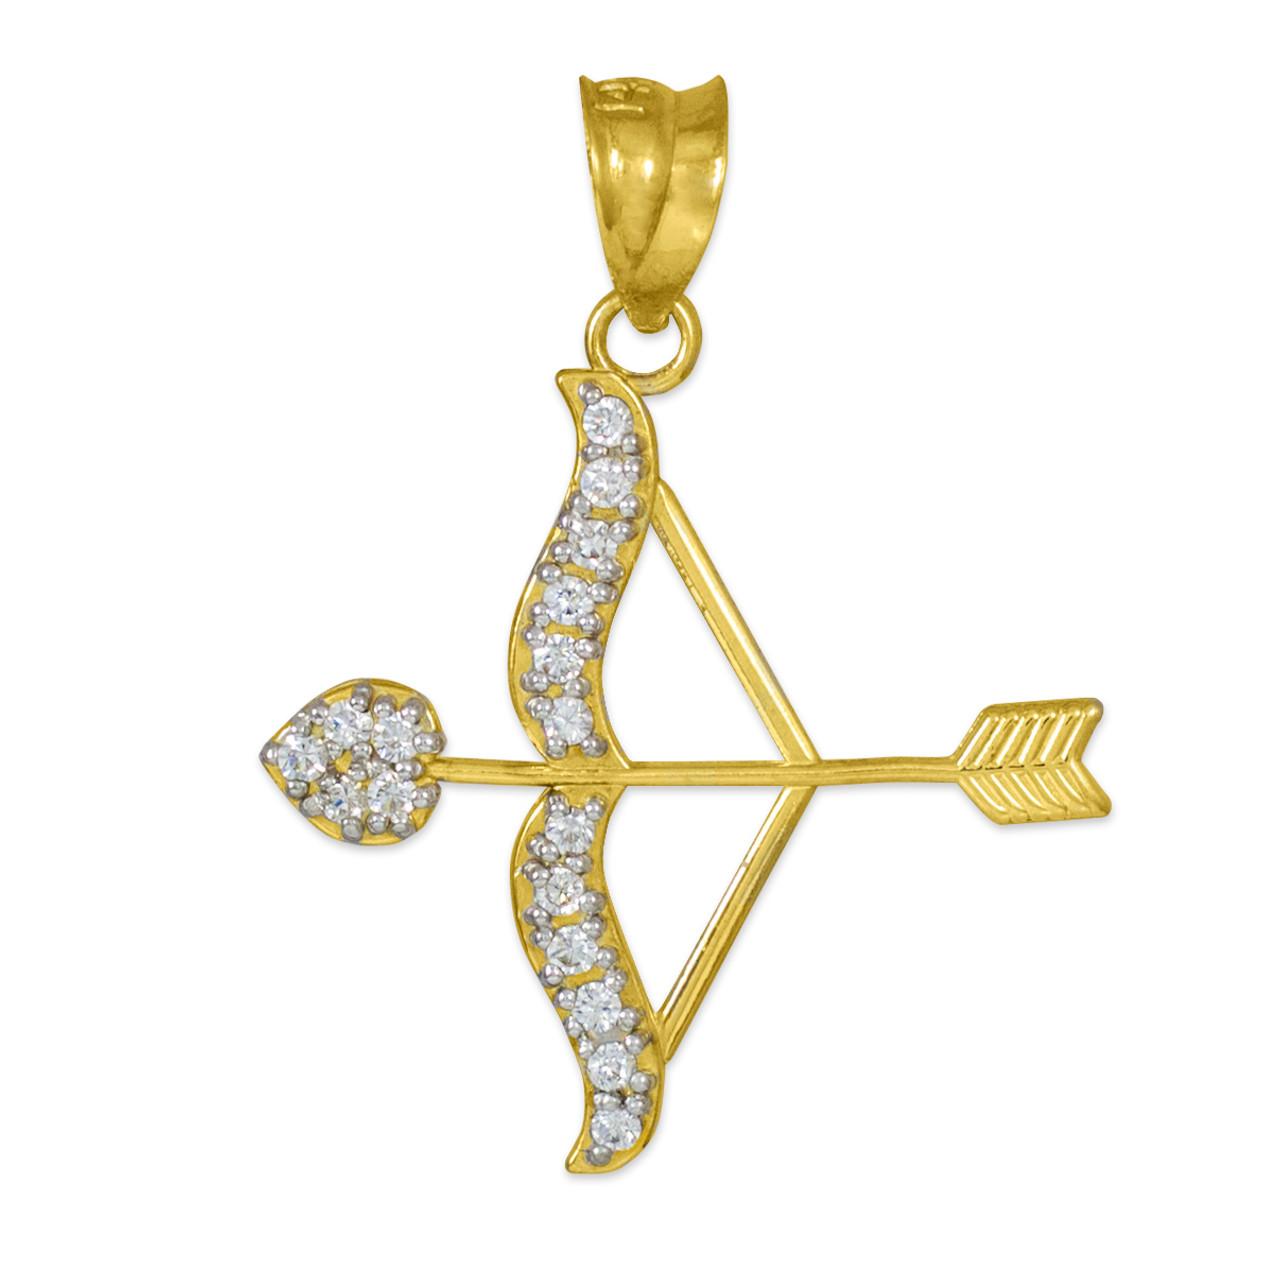 Arrow Bow Pendant | Bow and Arrow Pendant | Gold Bow Arrow ... Gold Bow And Arrow